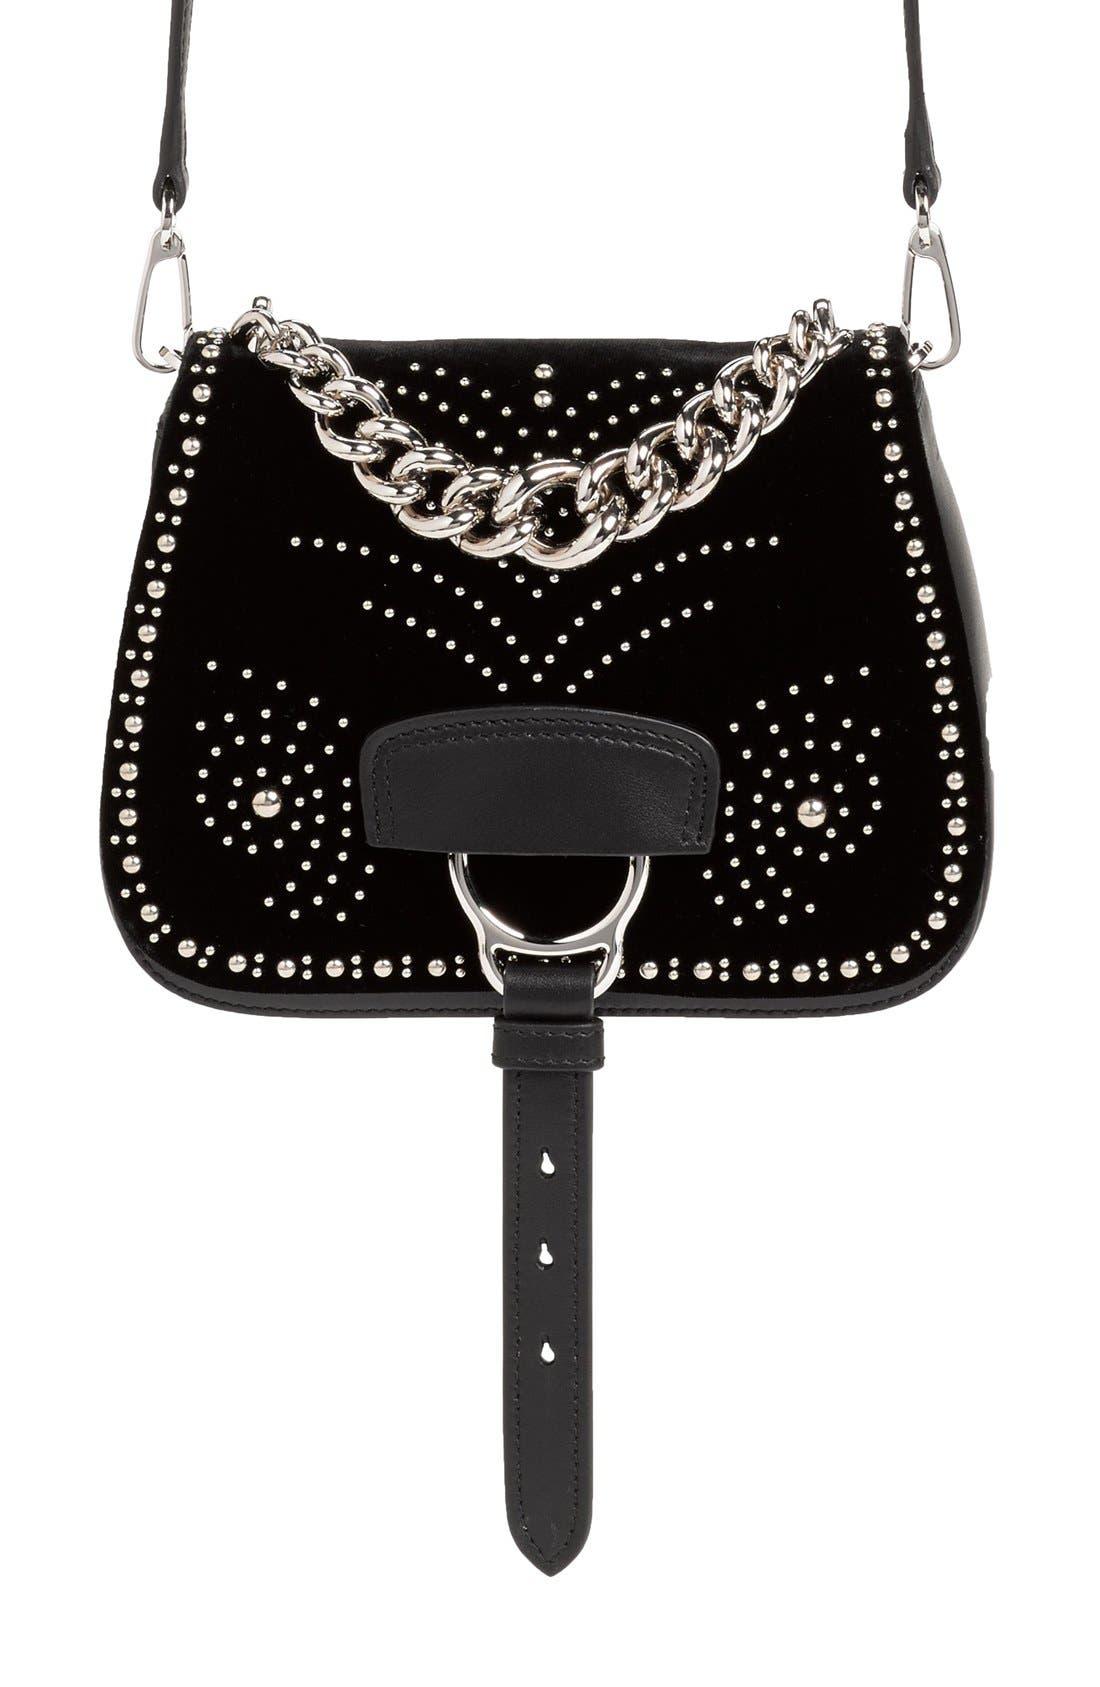 Main Image - Miu Miu 'Small Dahlia' Velvet & Calfskin Leather Saddle Bag